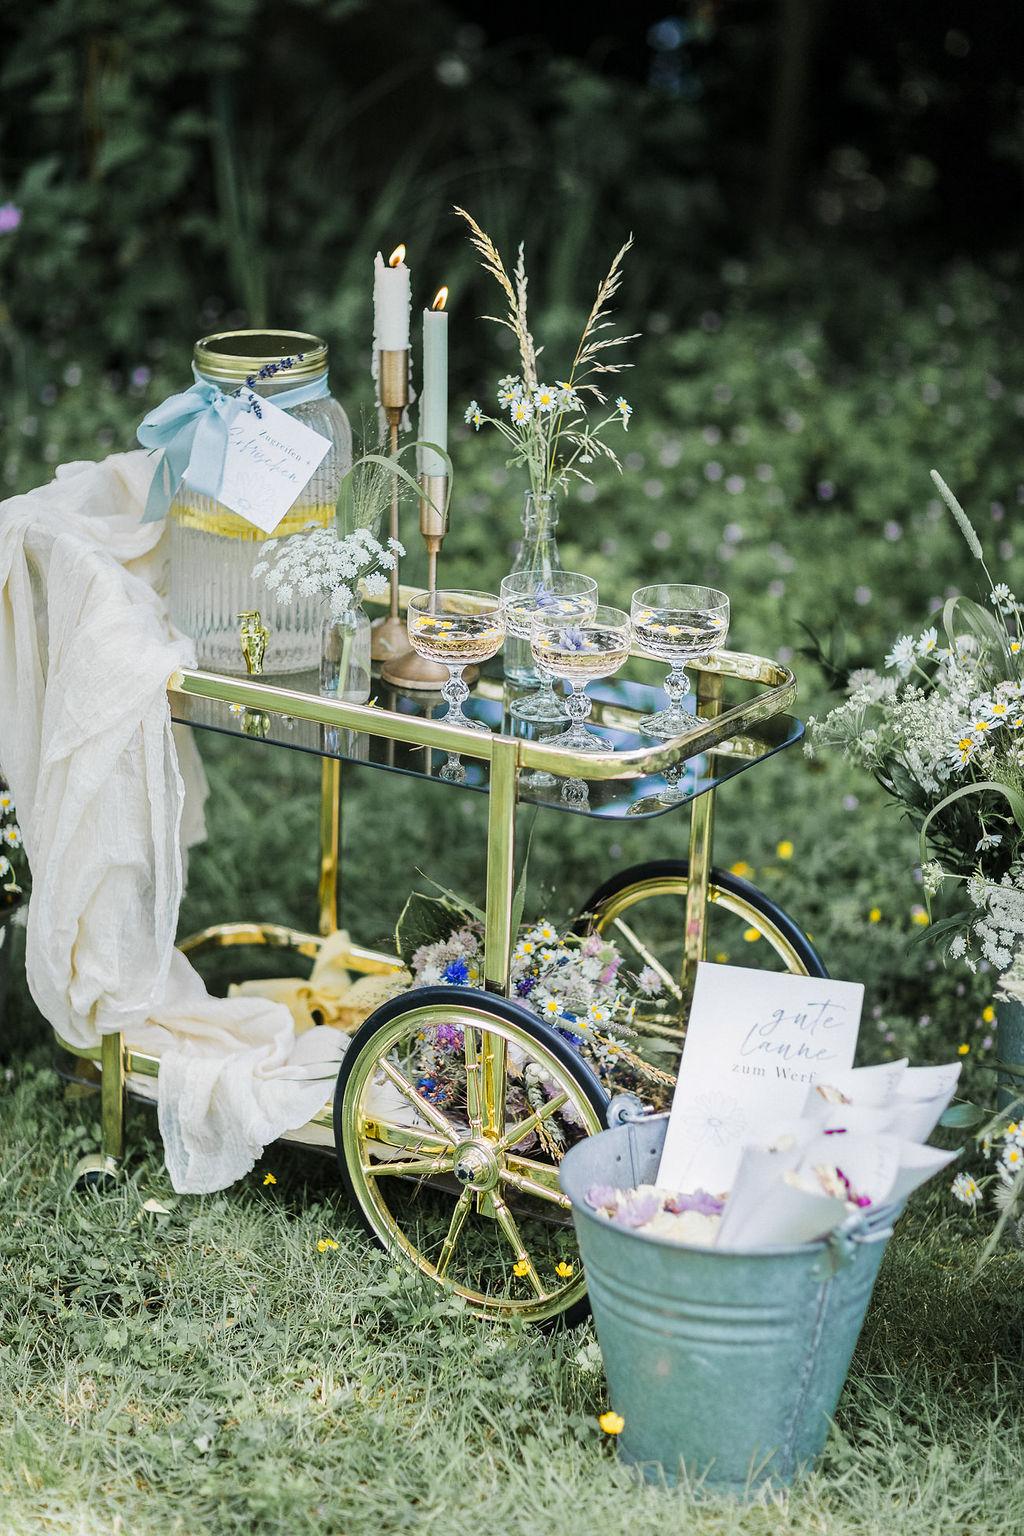 Getränkebar Hochzeit, Hochzeit im eigenen Garten, Gartenhochzeit, nachhaltig heiraten, Heiraten zu Hause, Corona Hochzeit, Outdoor Hochzeit, Tiny Wedding, Wiesenblumen, Boho